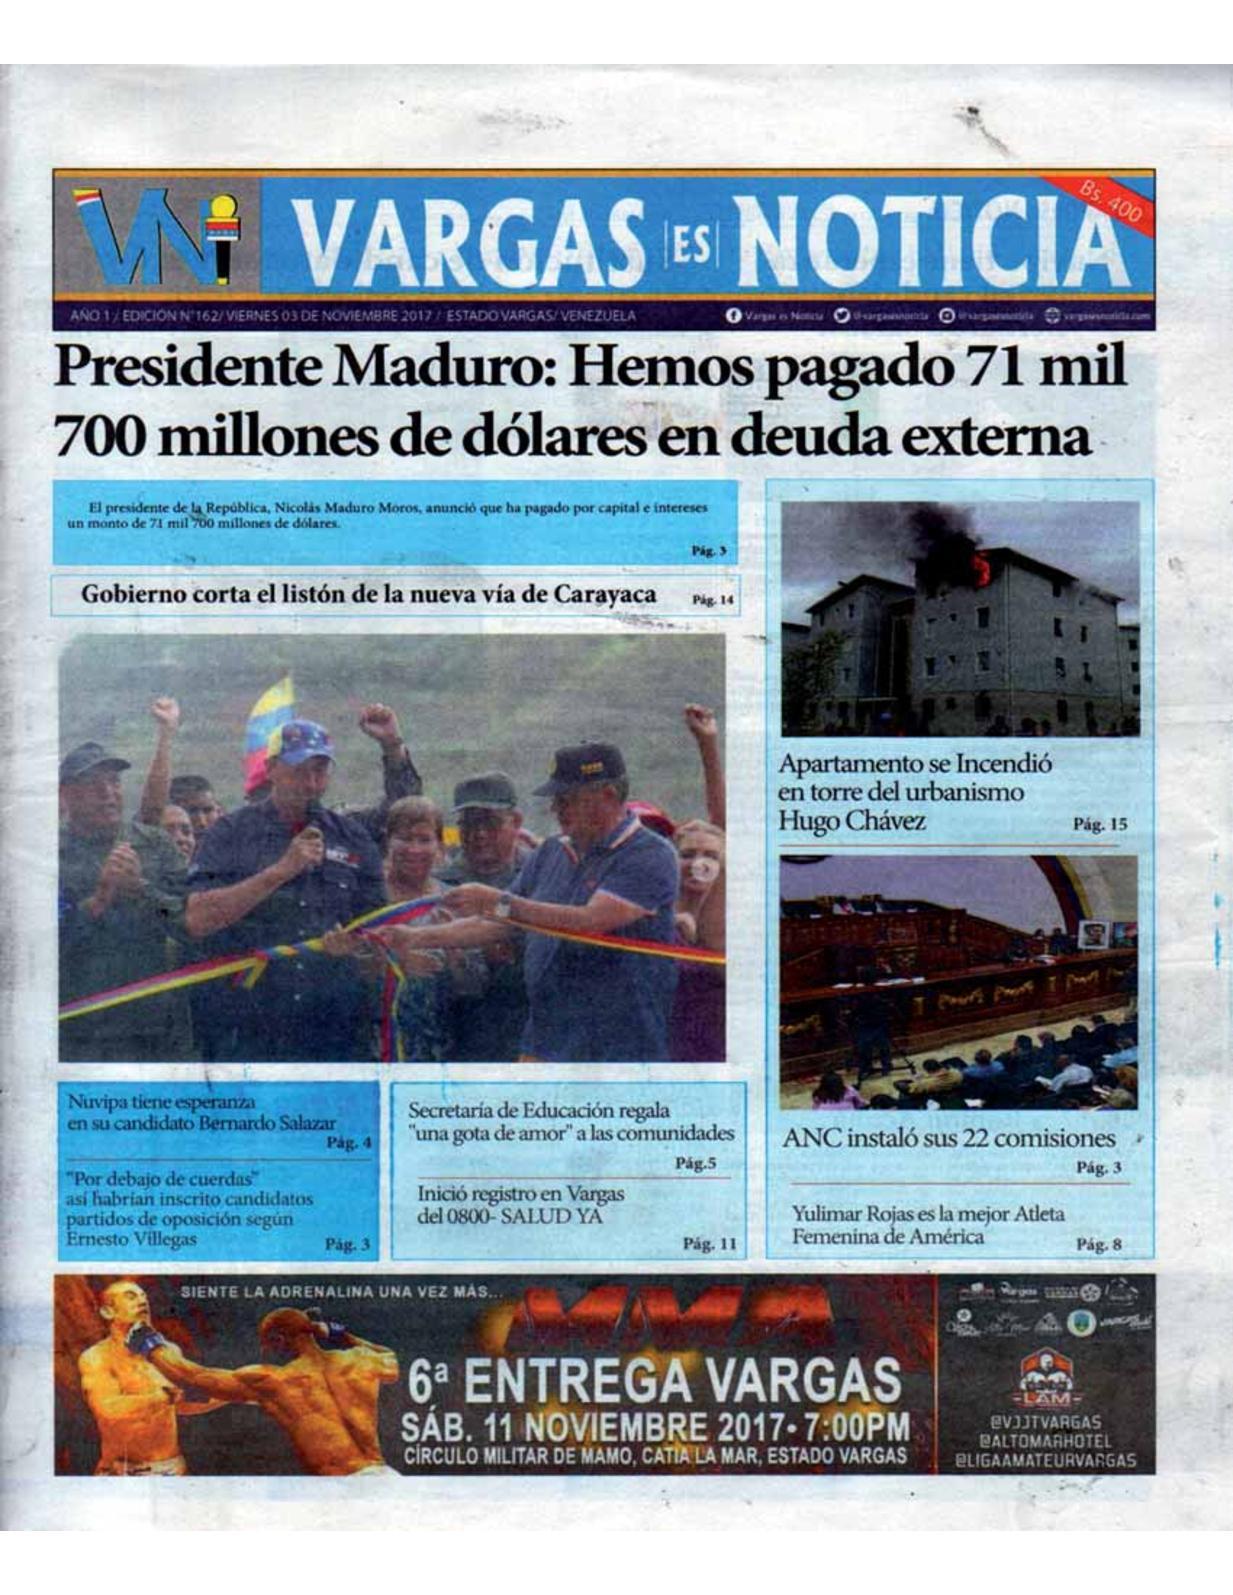 Vargas es Noticia, viernes 3 de octubre de 2017 N° 162